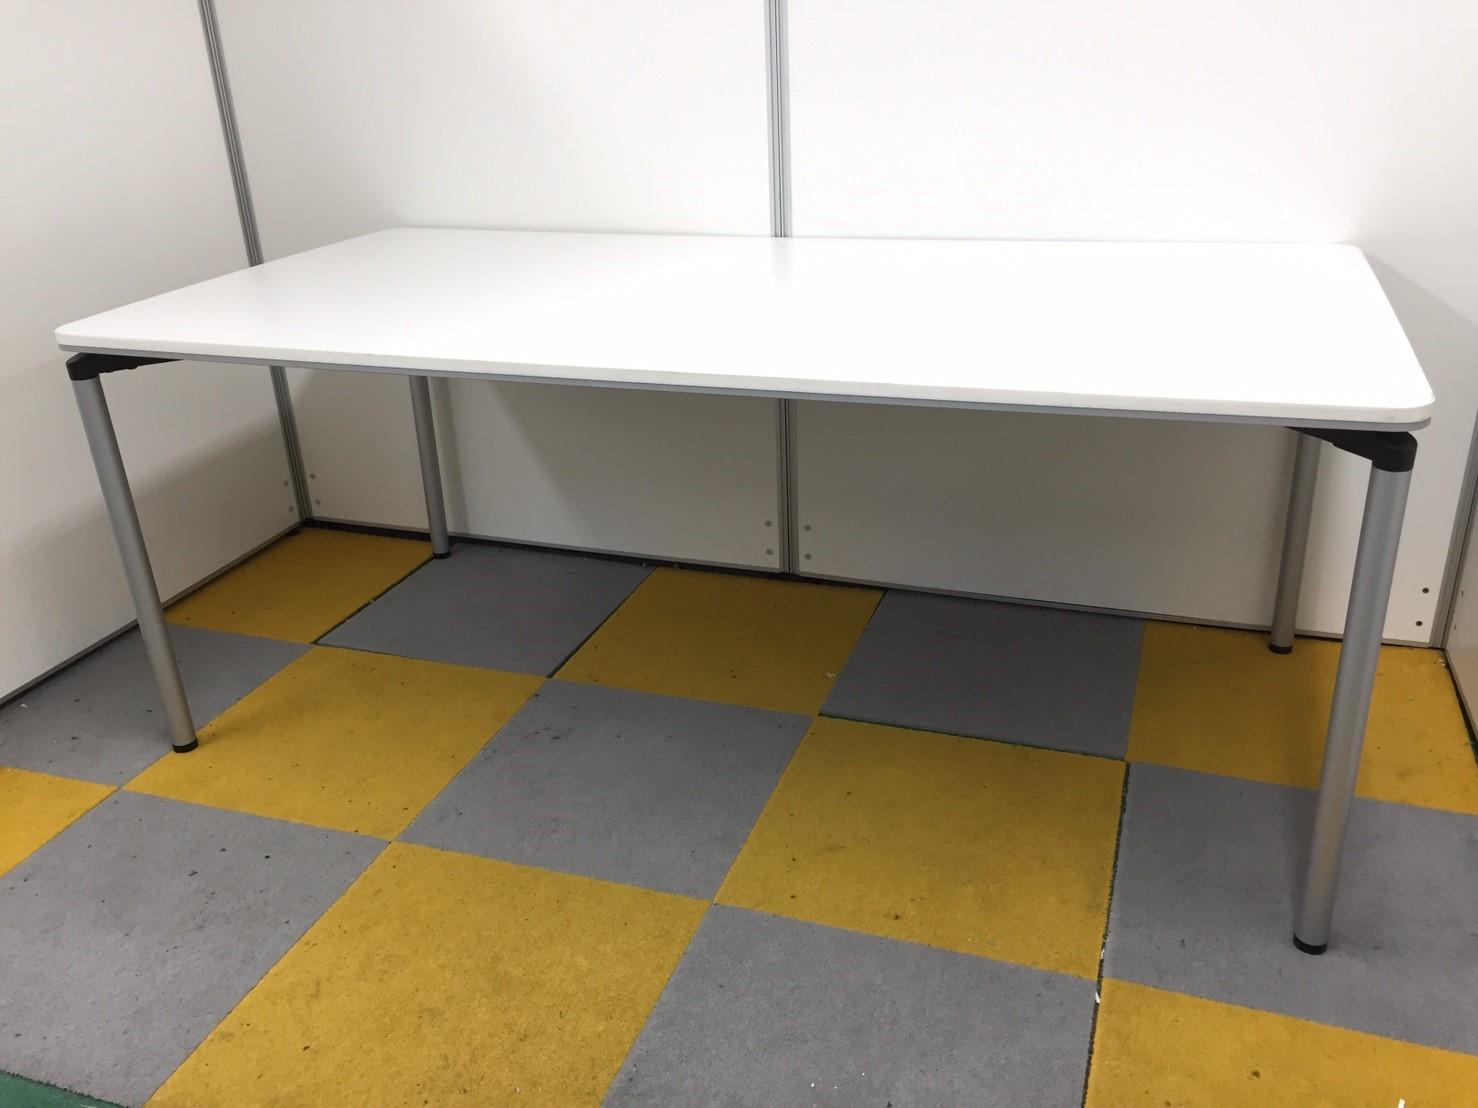 【4台入荷!】【シンプルなテーブル!】【会議だけでなく作業台としても!】コクヨ製 ミーティングテーブル